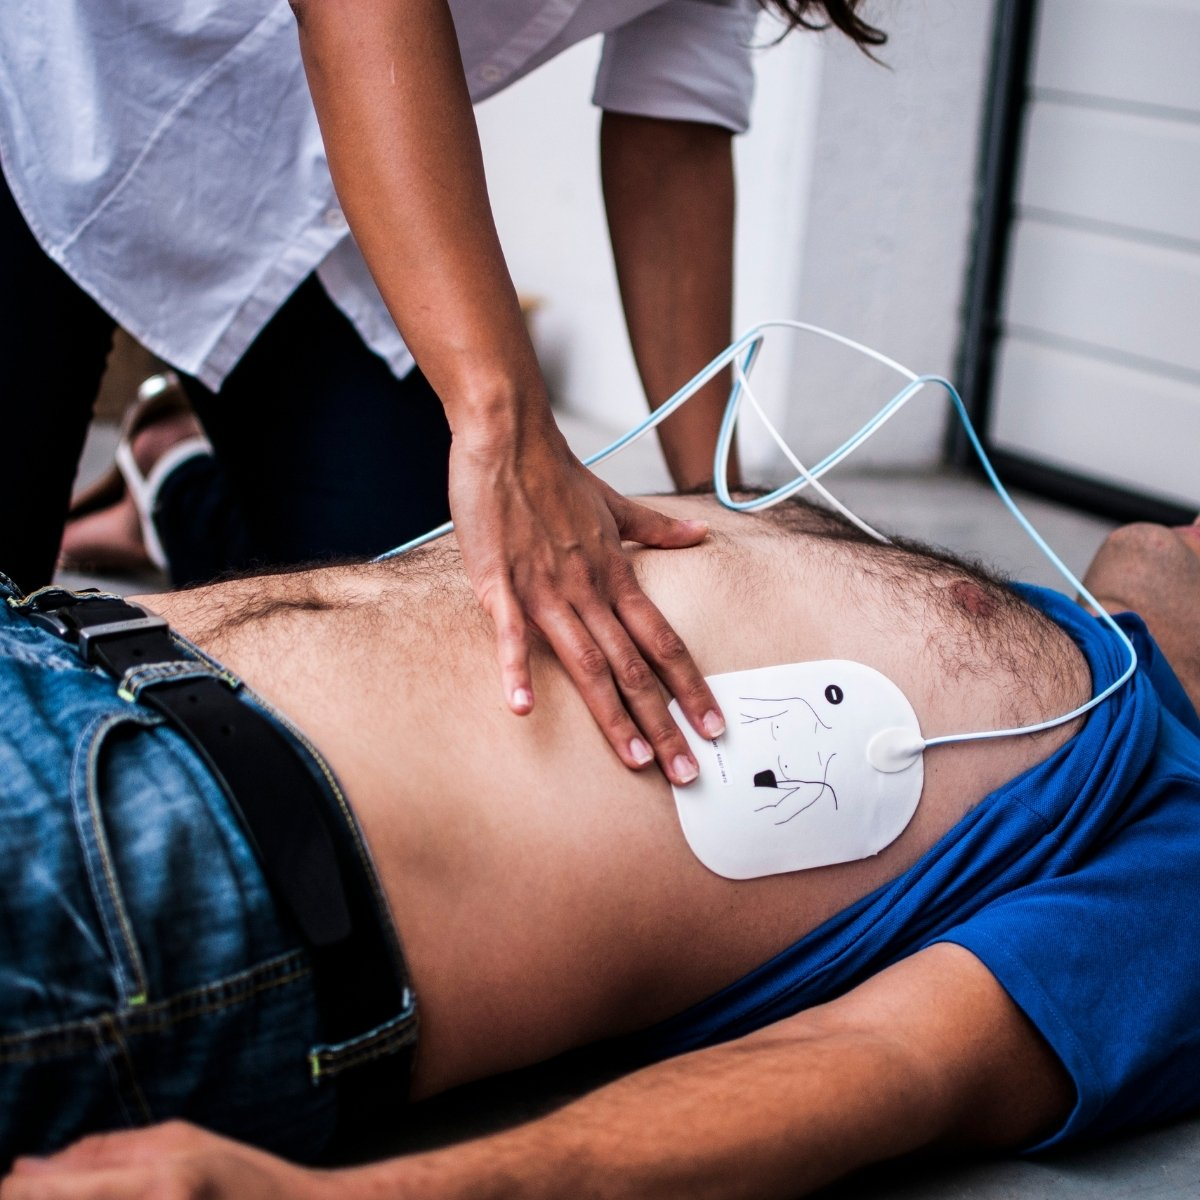 דפיברילטור – מתי ניאלץ להשתמש בו - החייאה